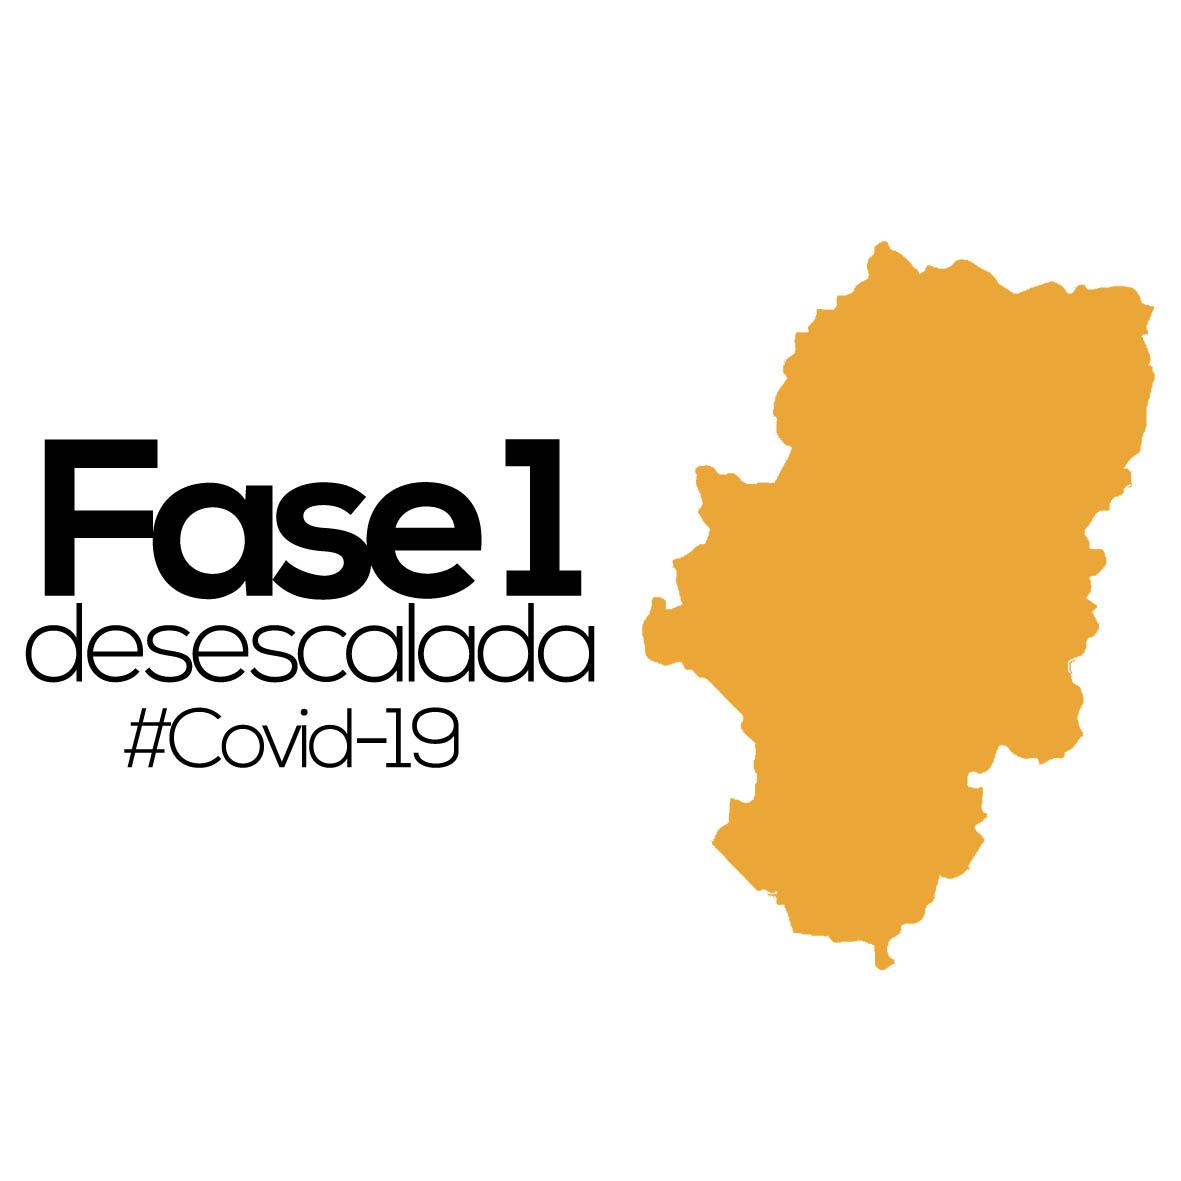 Fase 1 desescalada Covid-19